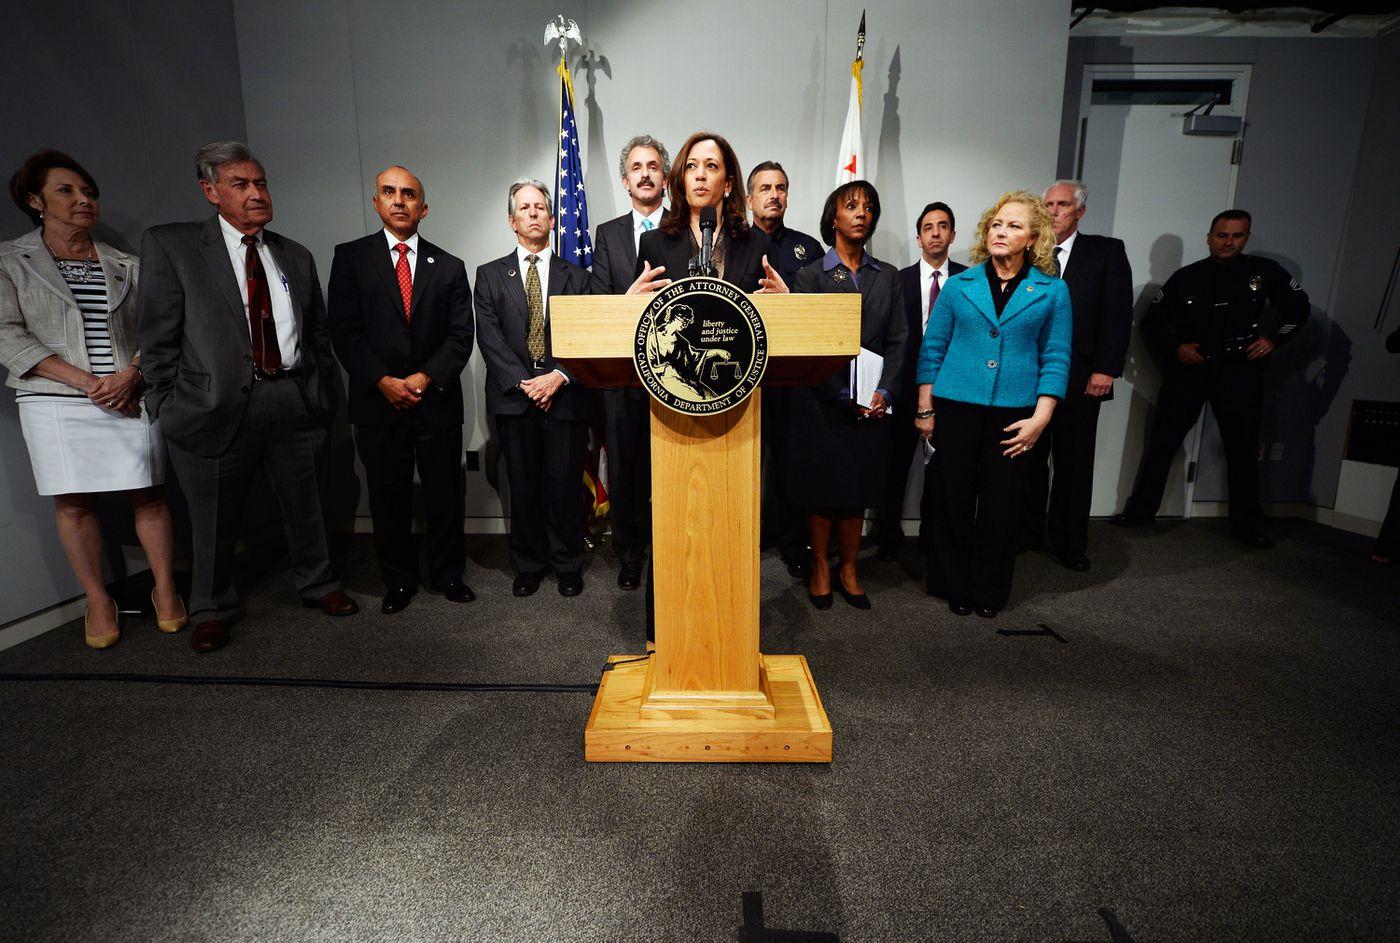 Democratic debate: Kamala Harris's criminal justice record